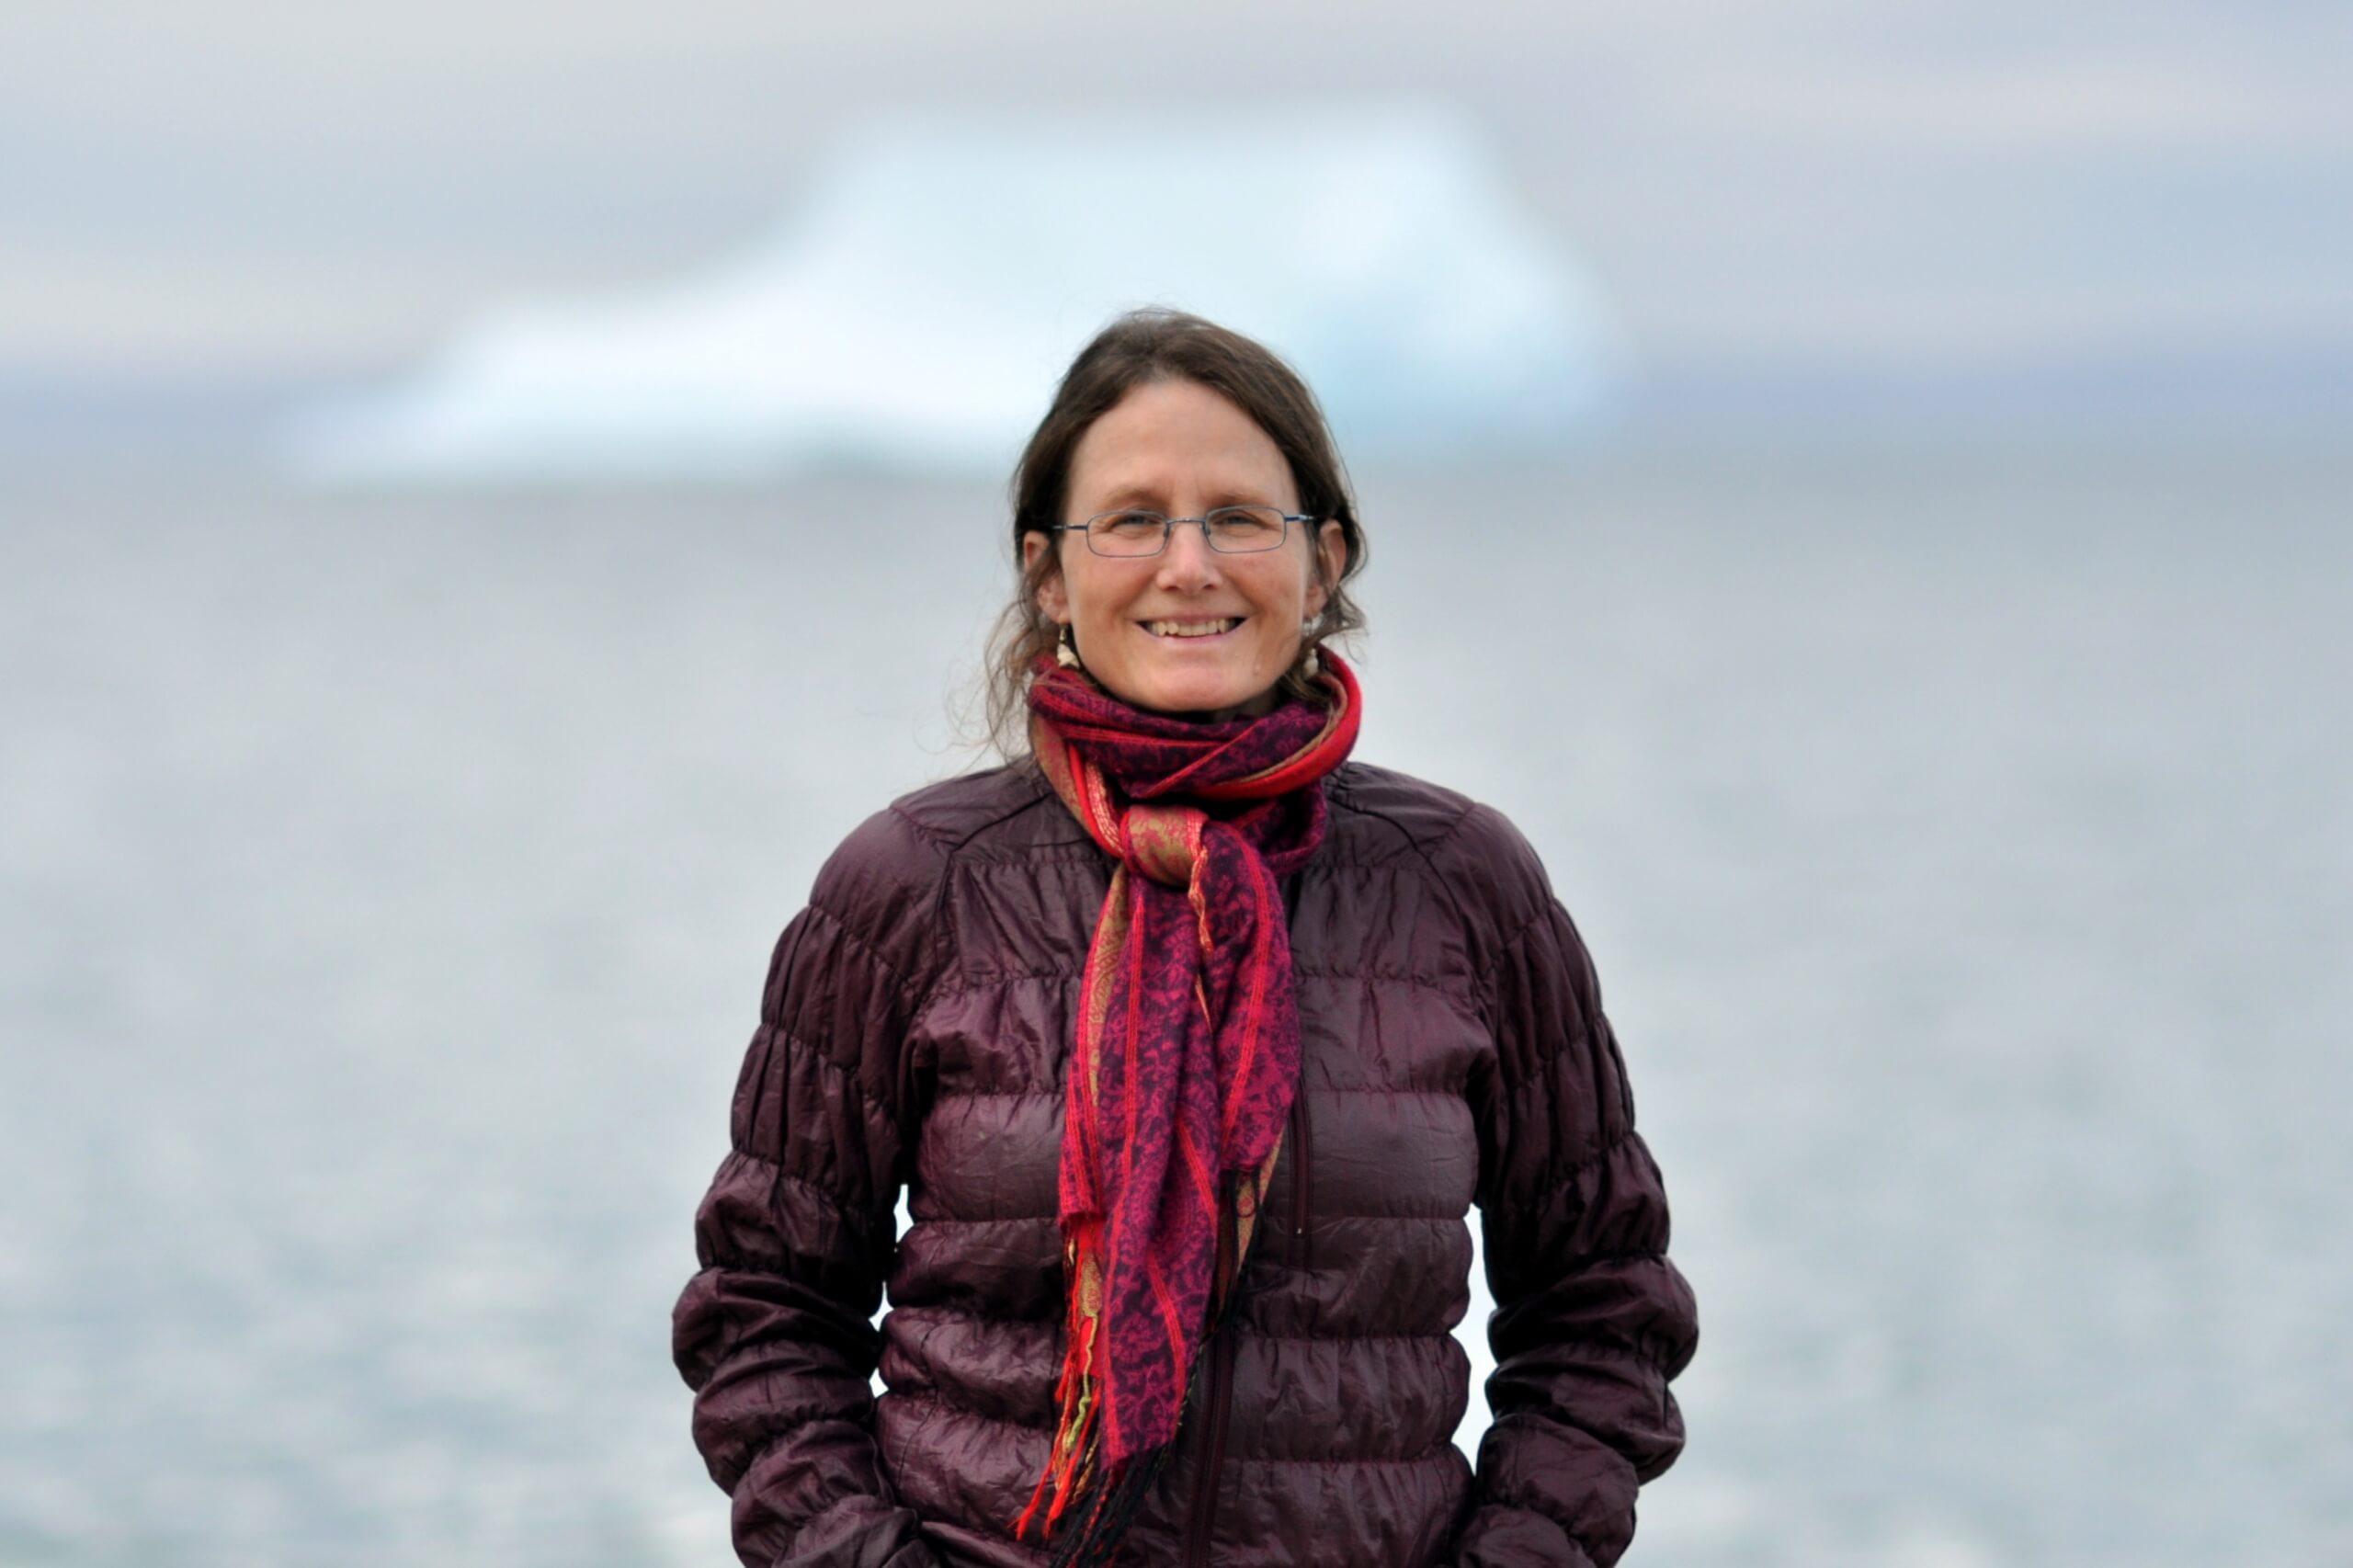 Mme José Gérin-Lajoie, lors de son passage à Pond Inlet (Nunavut).